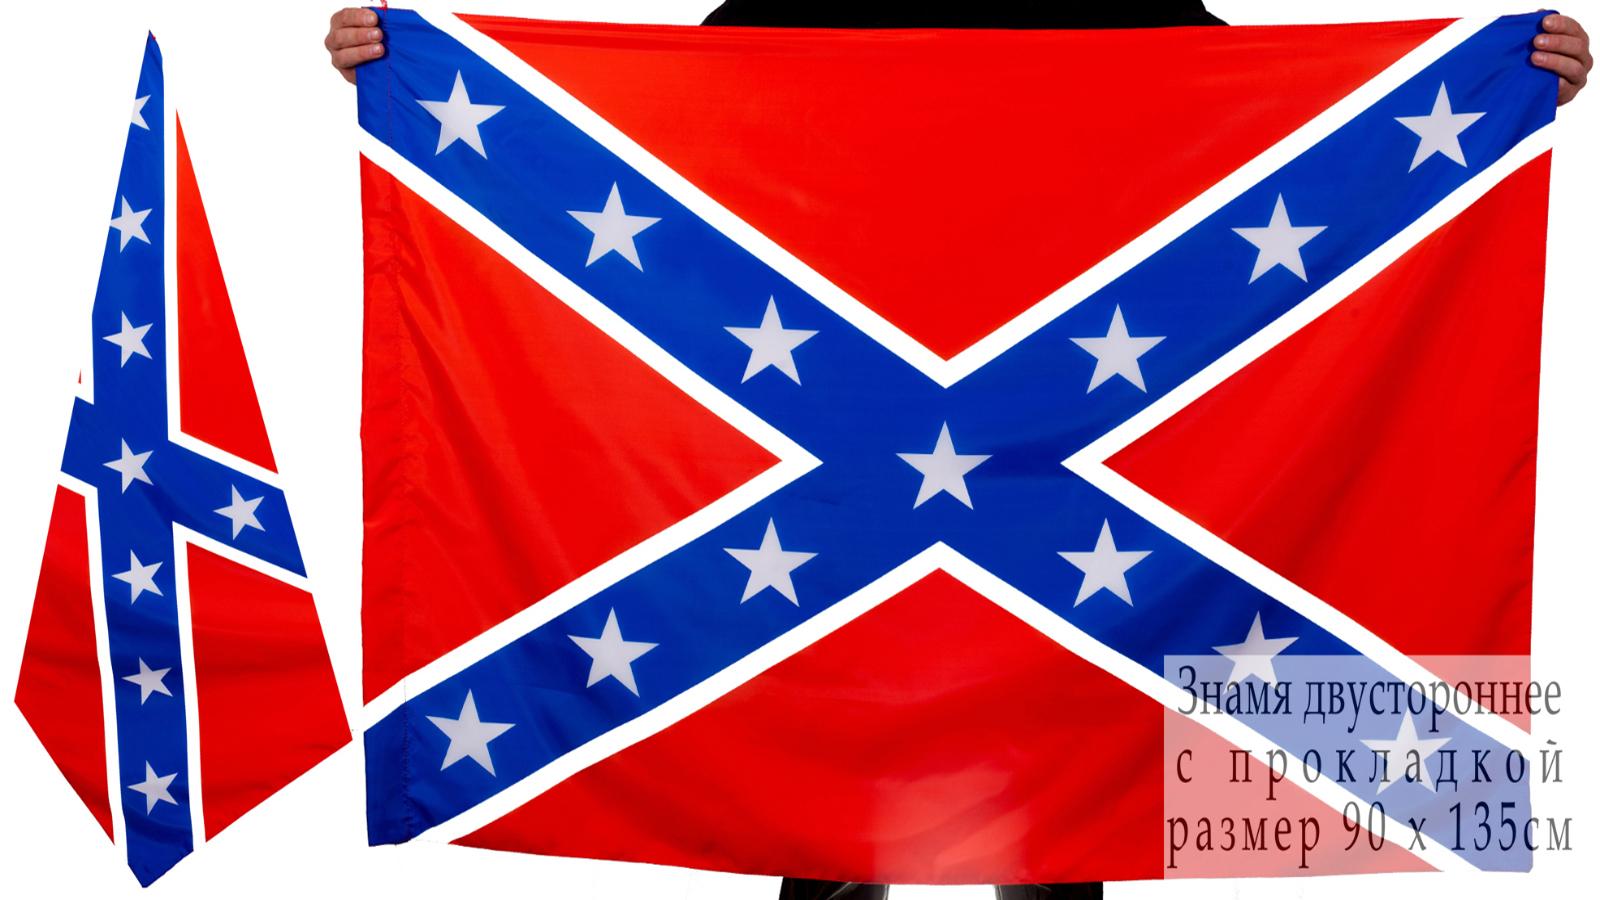 Двухсторонний флаг Конфедерации